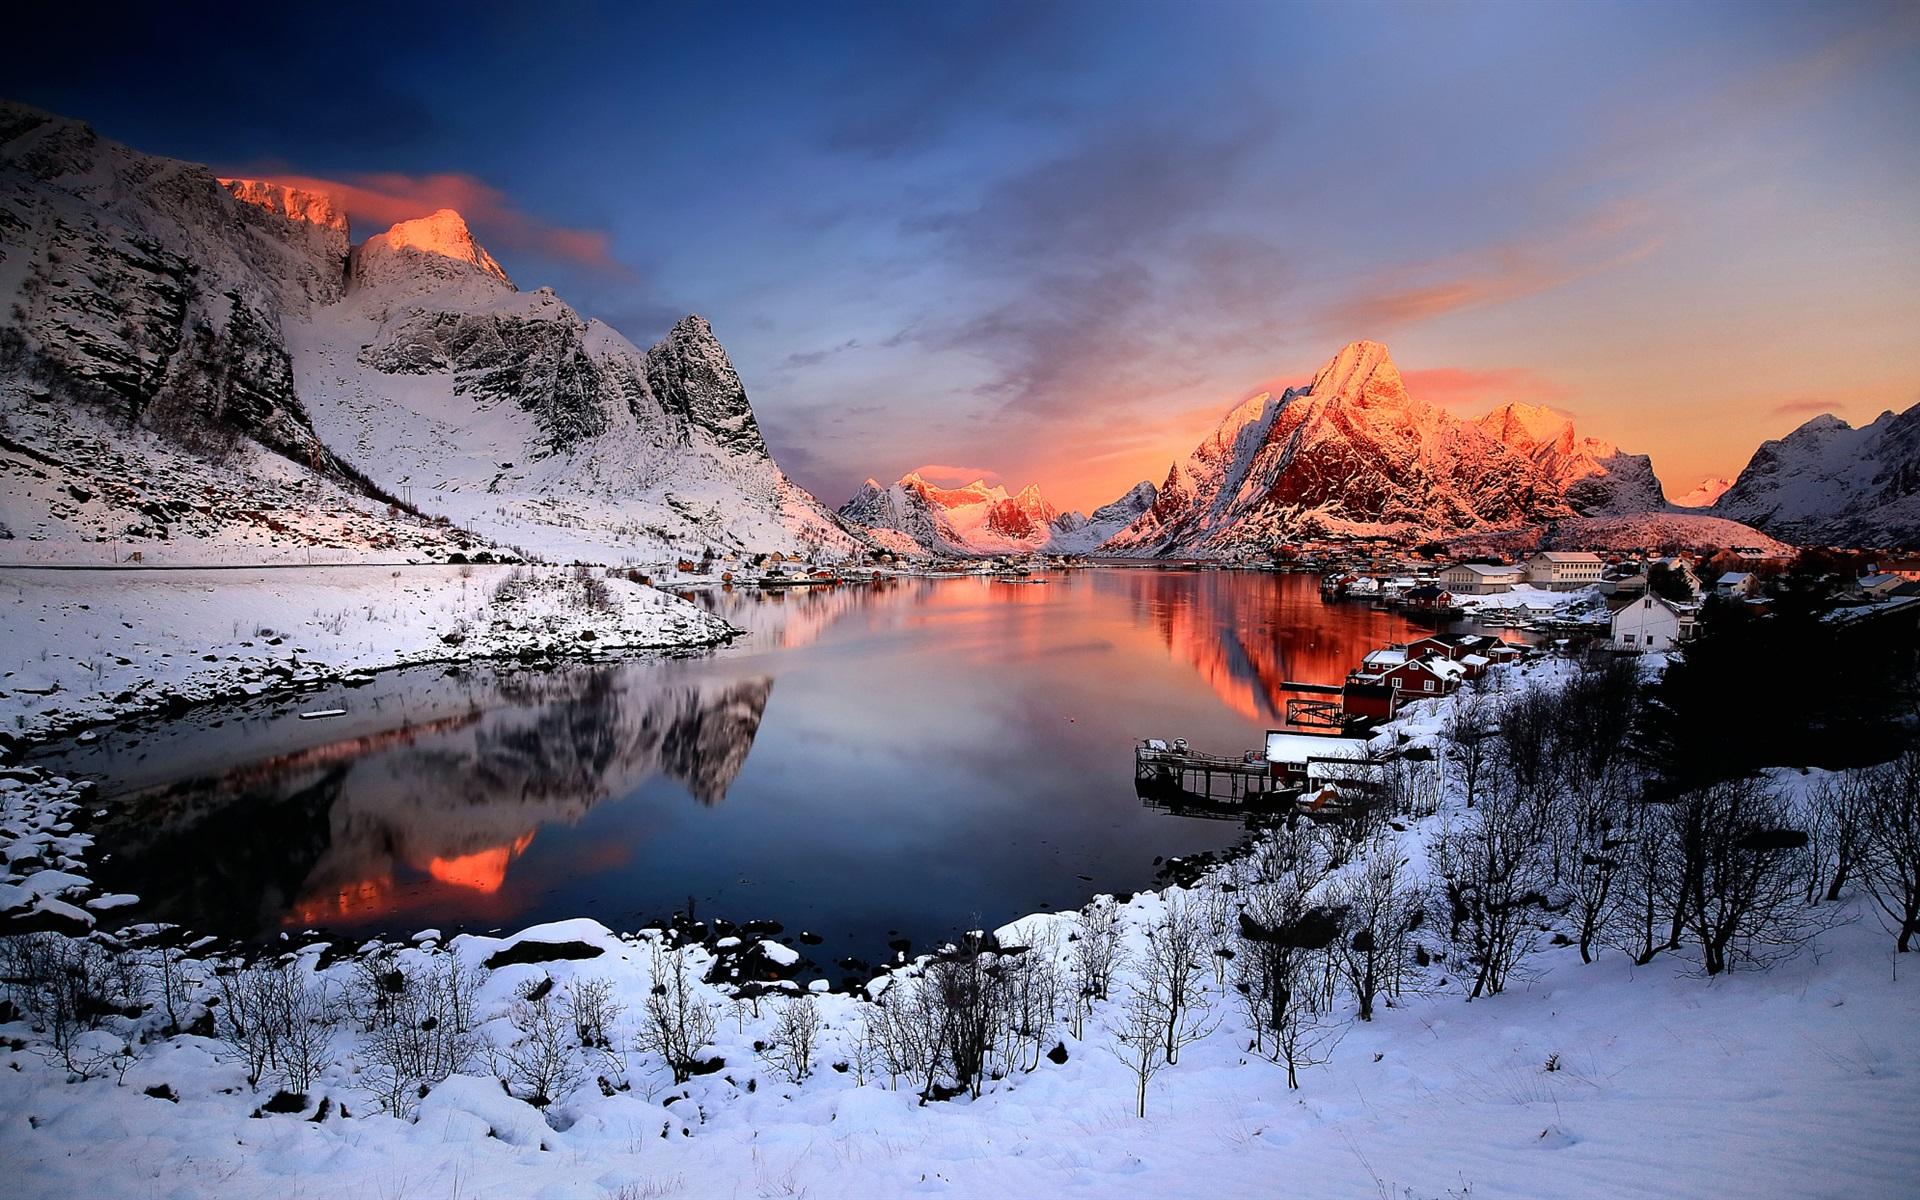 Lago Con Montañas Nevadas Hd: Fondos De Pantalla Noruega Puesta De Sol Invierno, Nieve